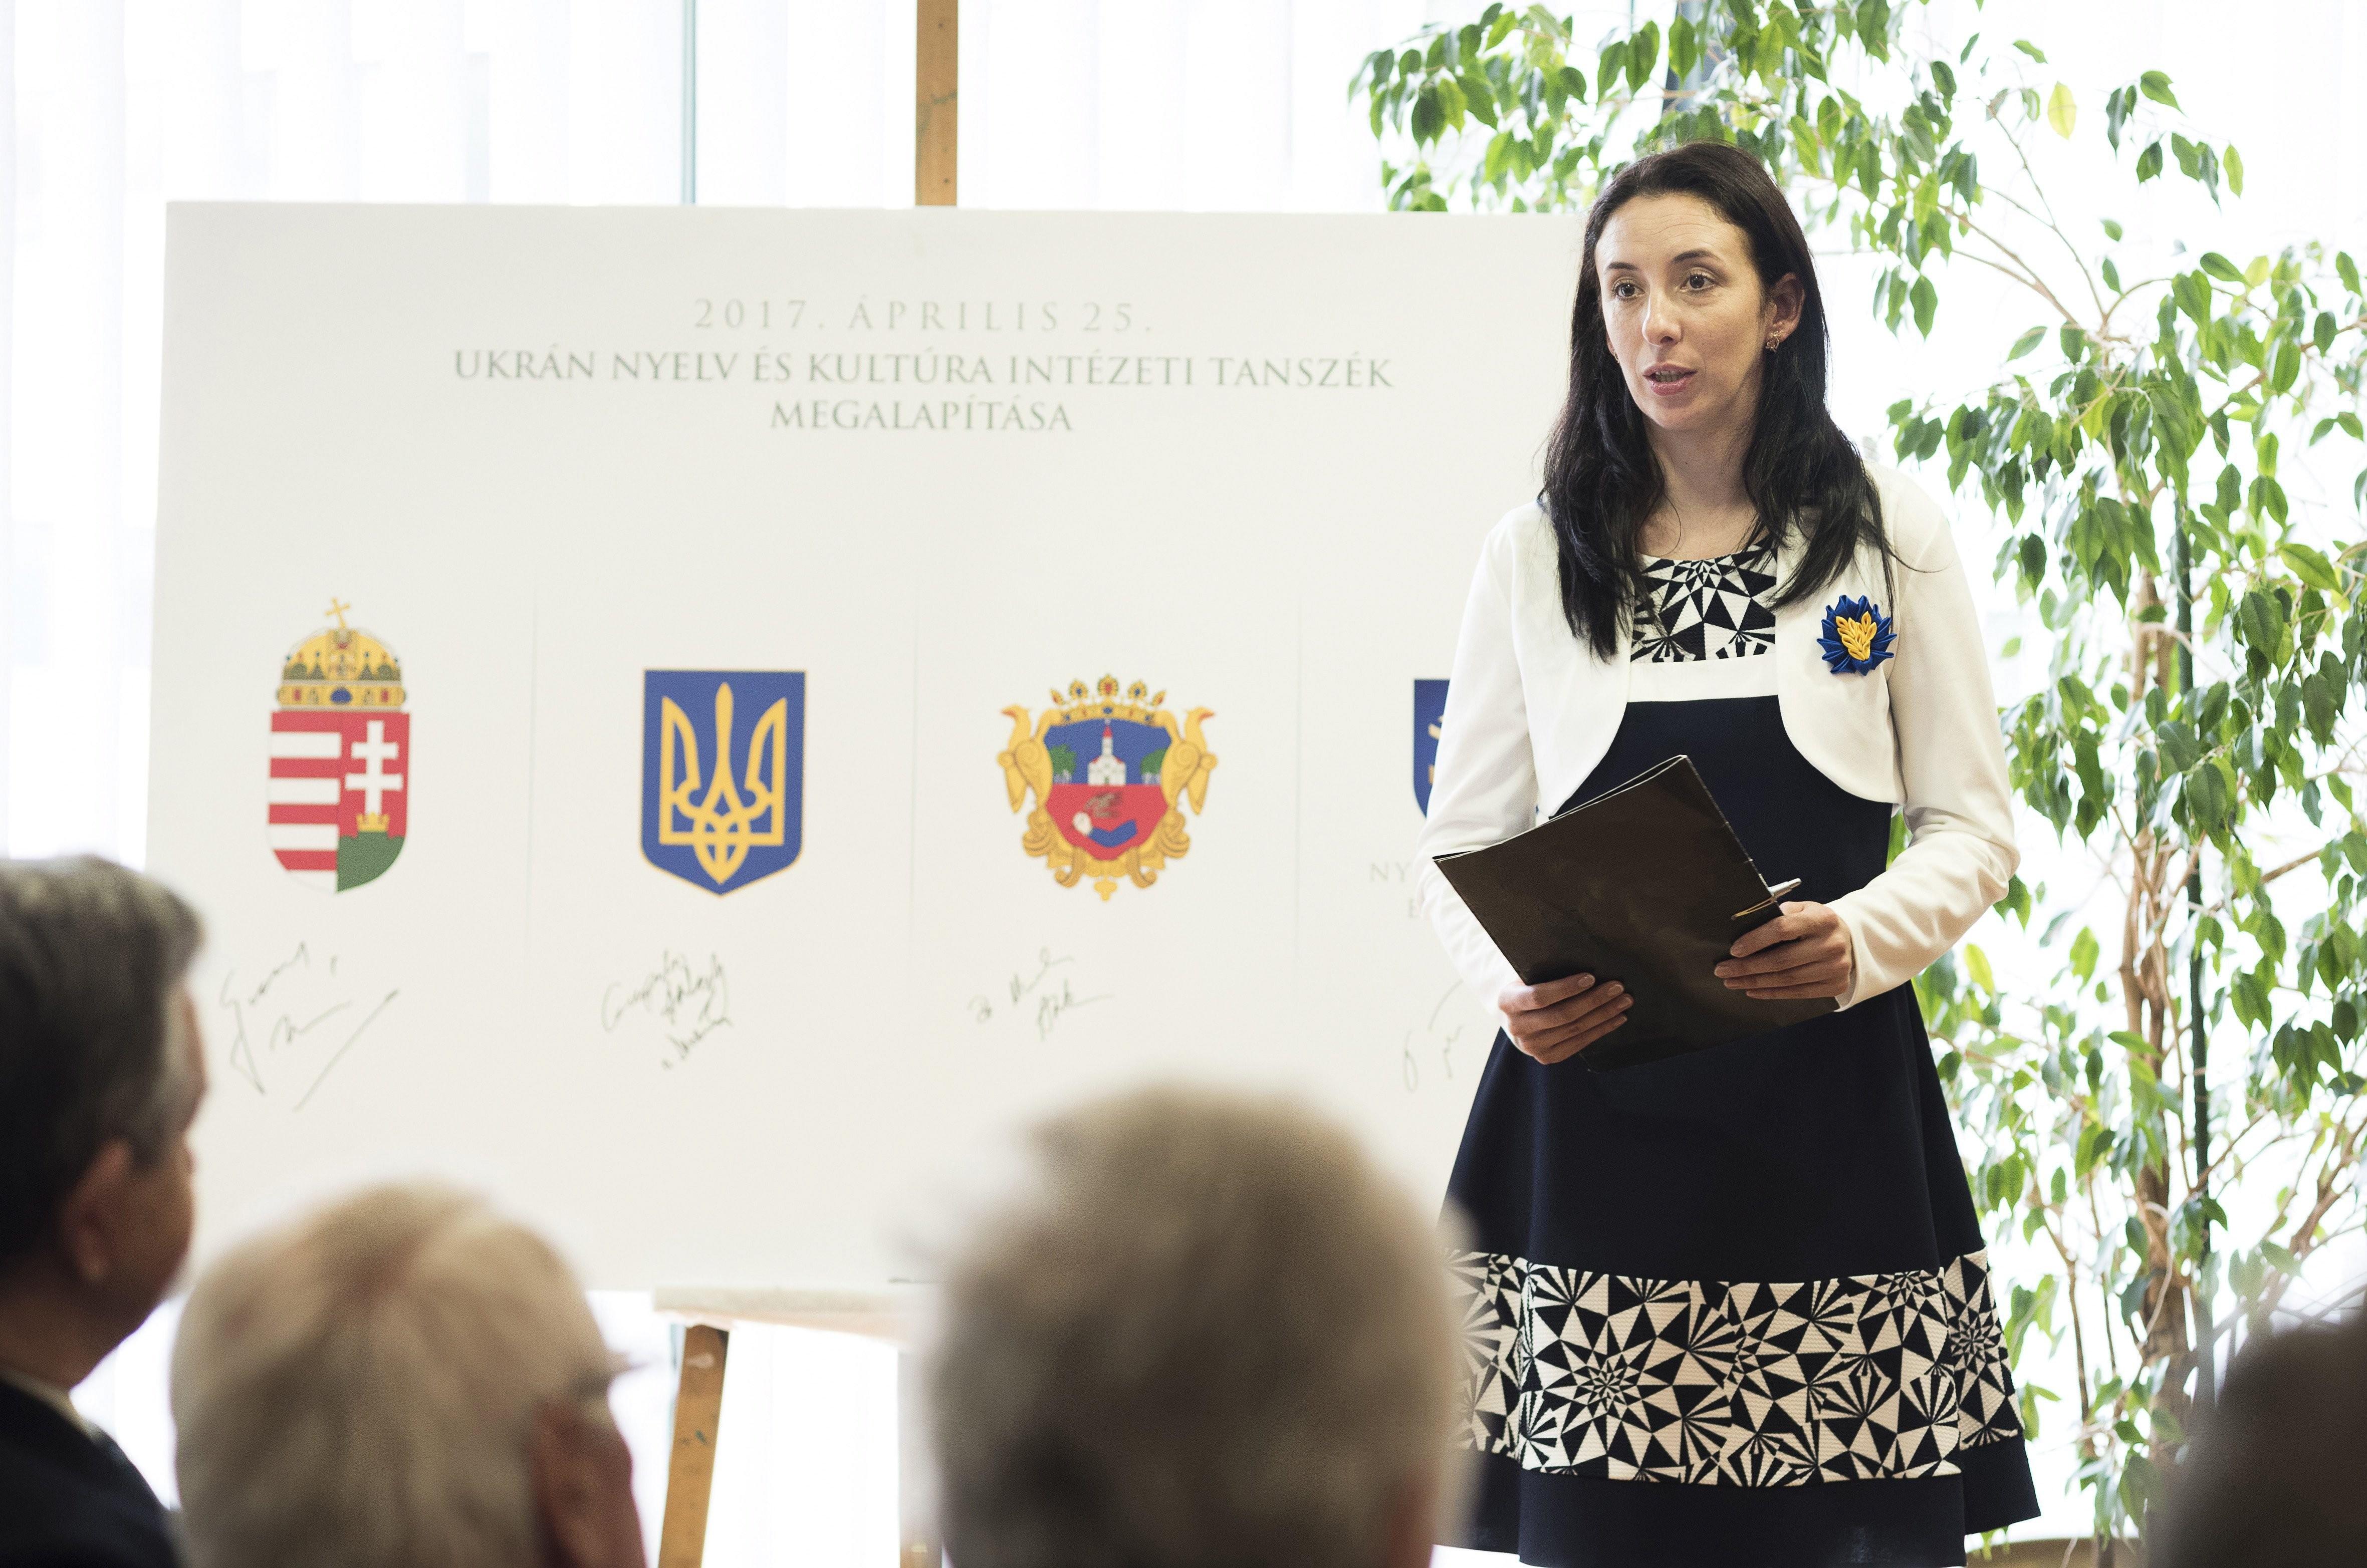 Négy év után ismét lesz ukrán tanszék Nyíregyházán